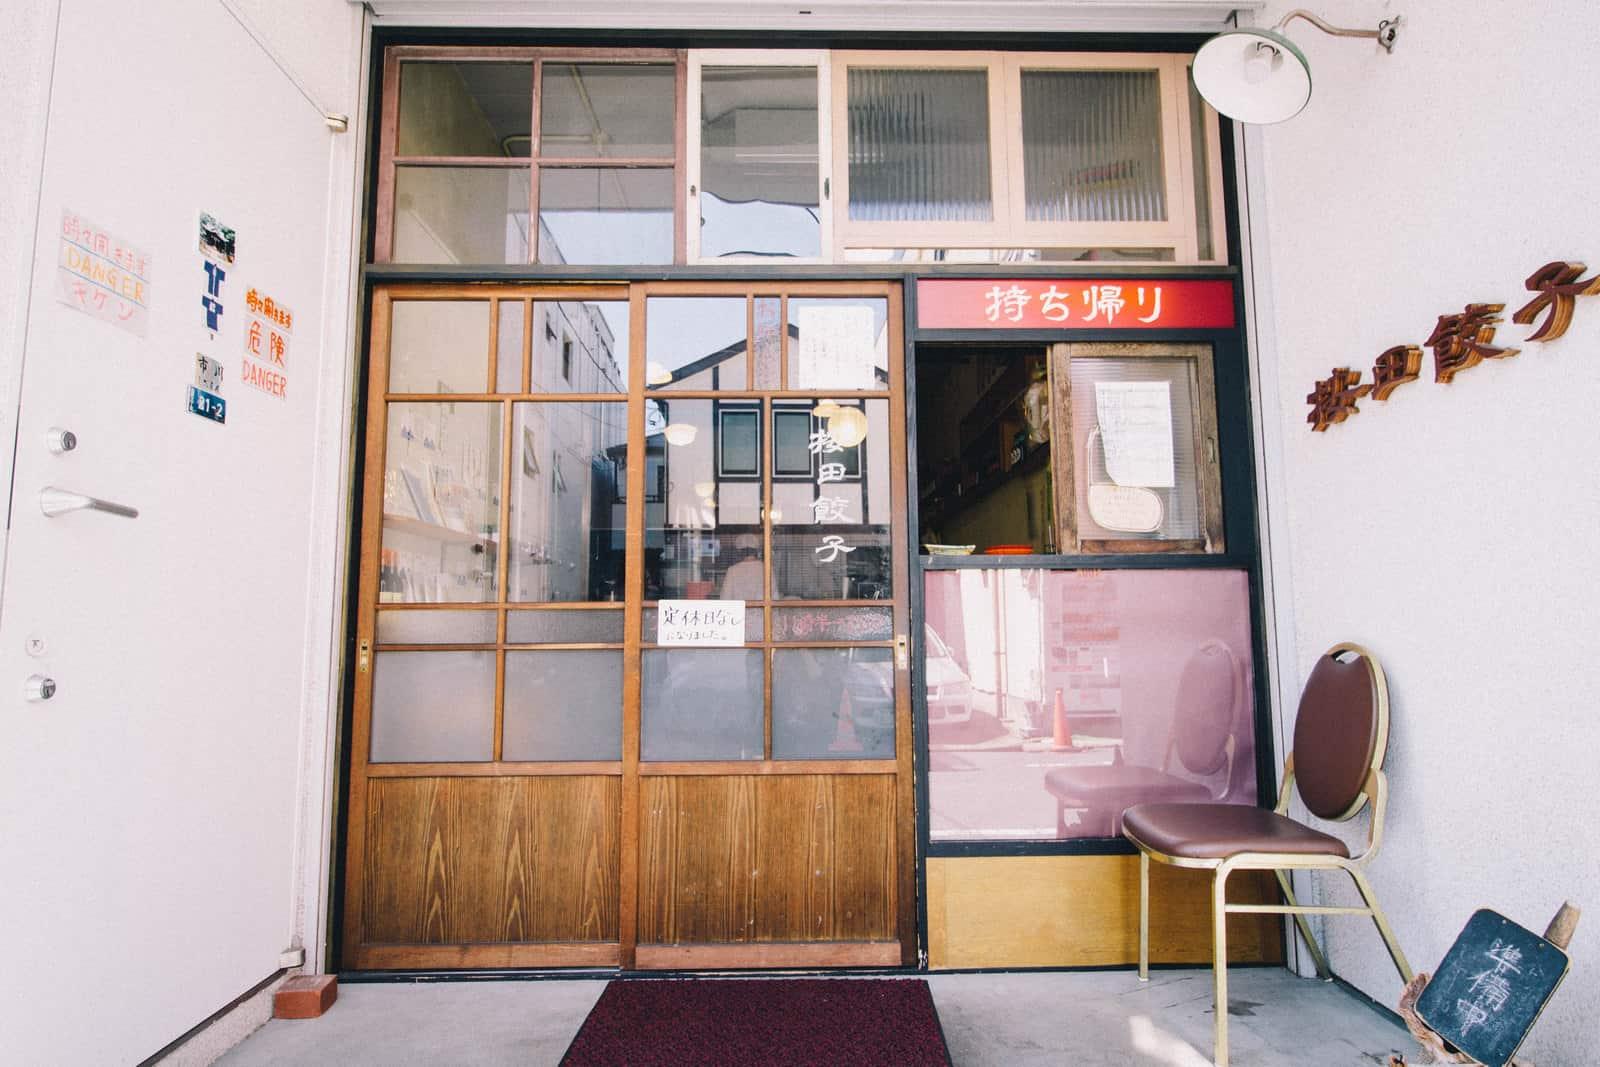 ร้านอาหาร มิชลิน สตาร์ ราคาถูก ที่ โตเกียว - Anda Gyoza 按田餃子 , YOYOGI-UEHARA